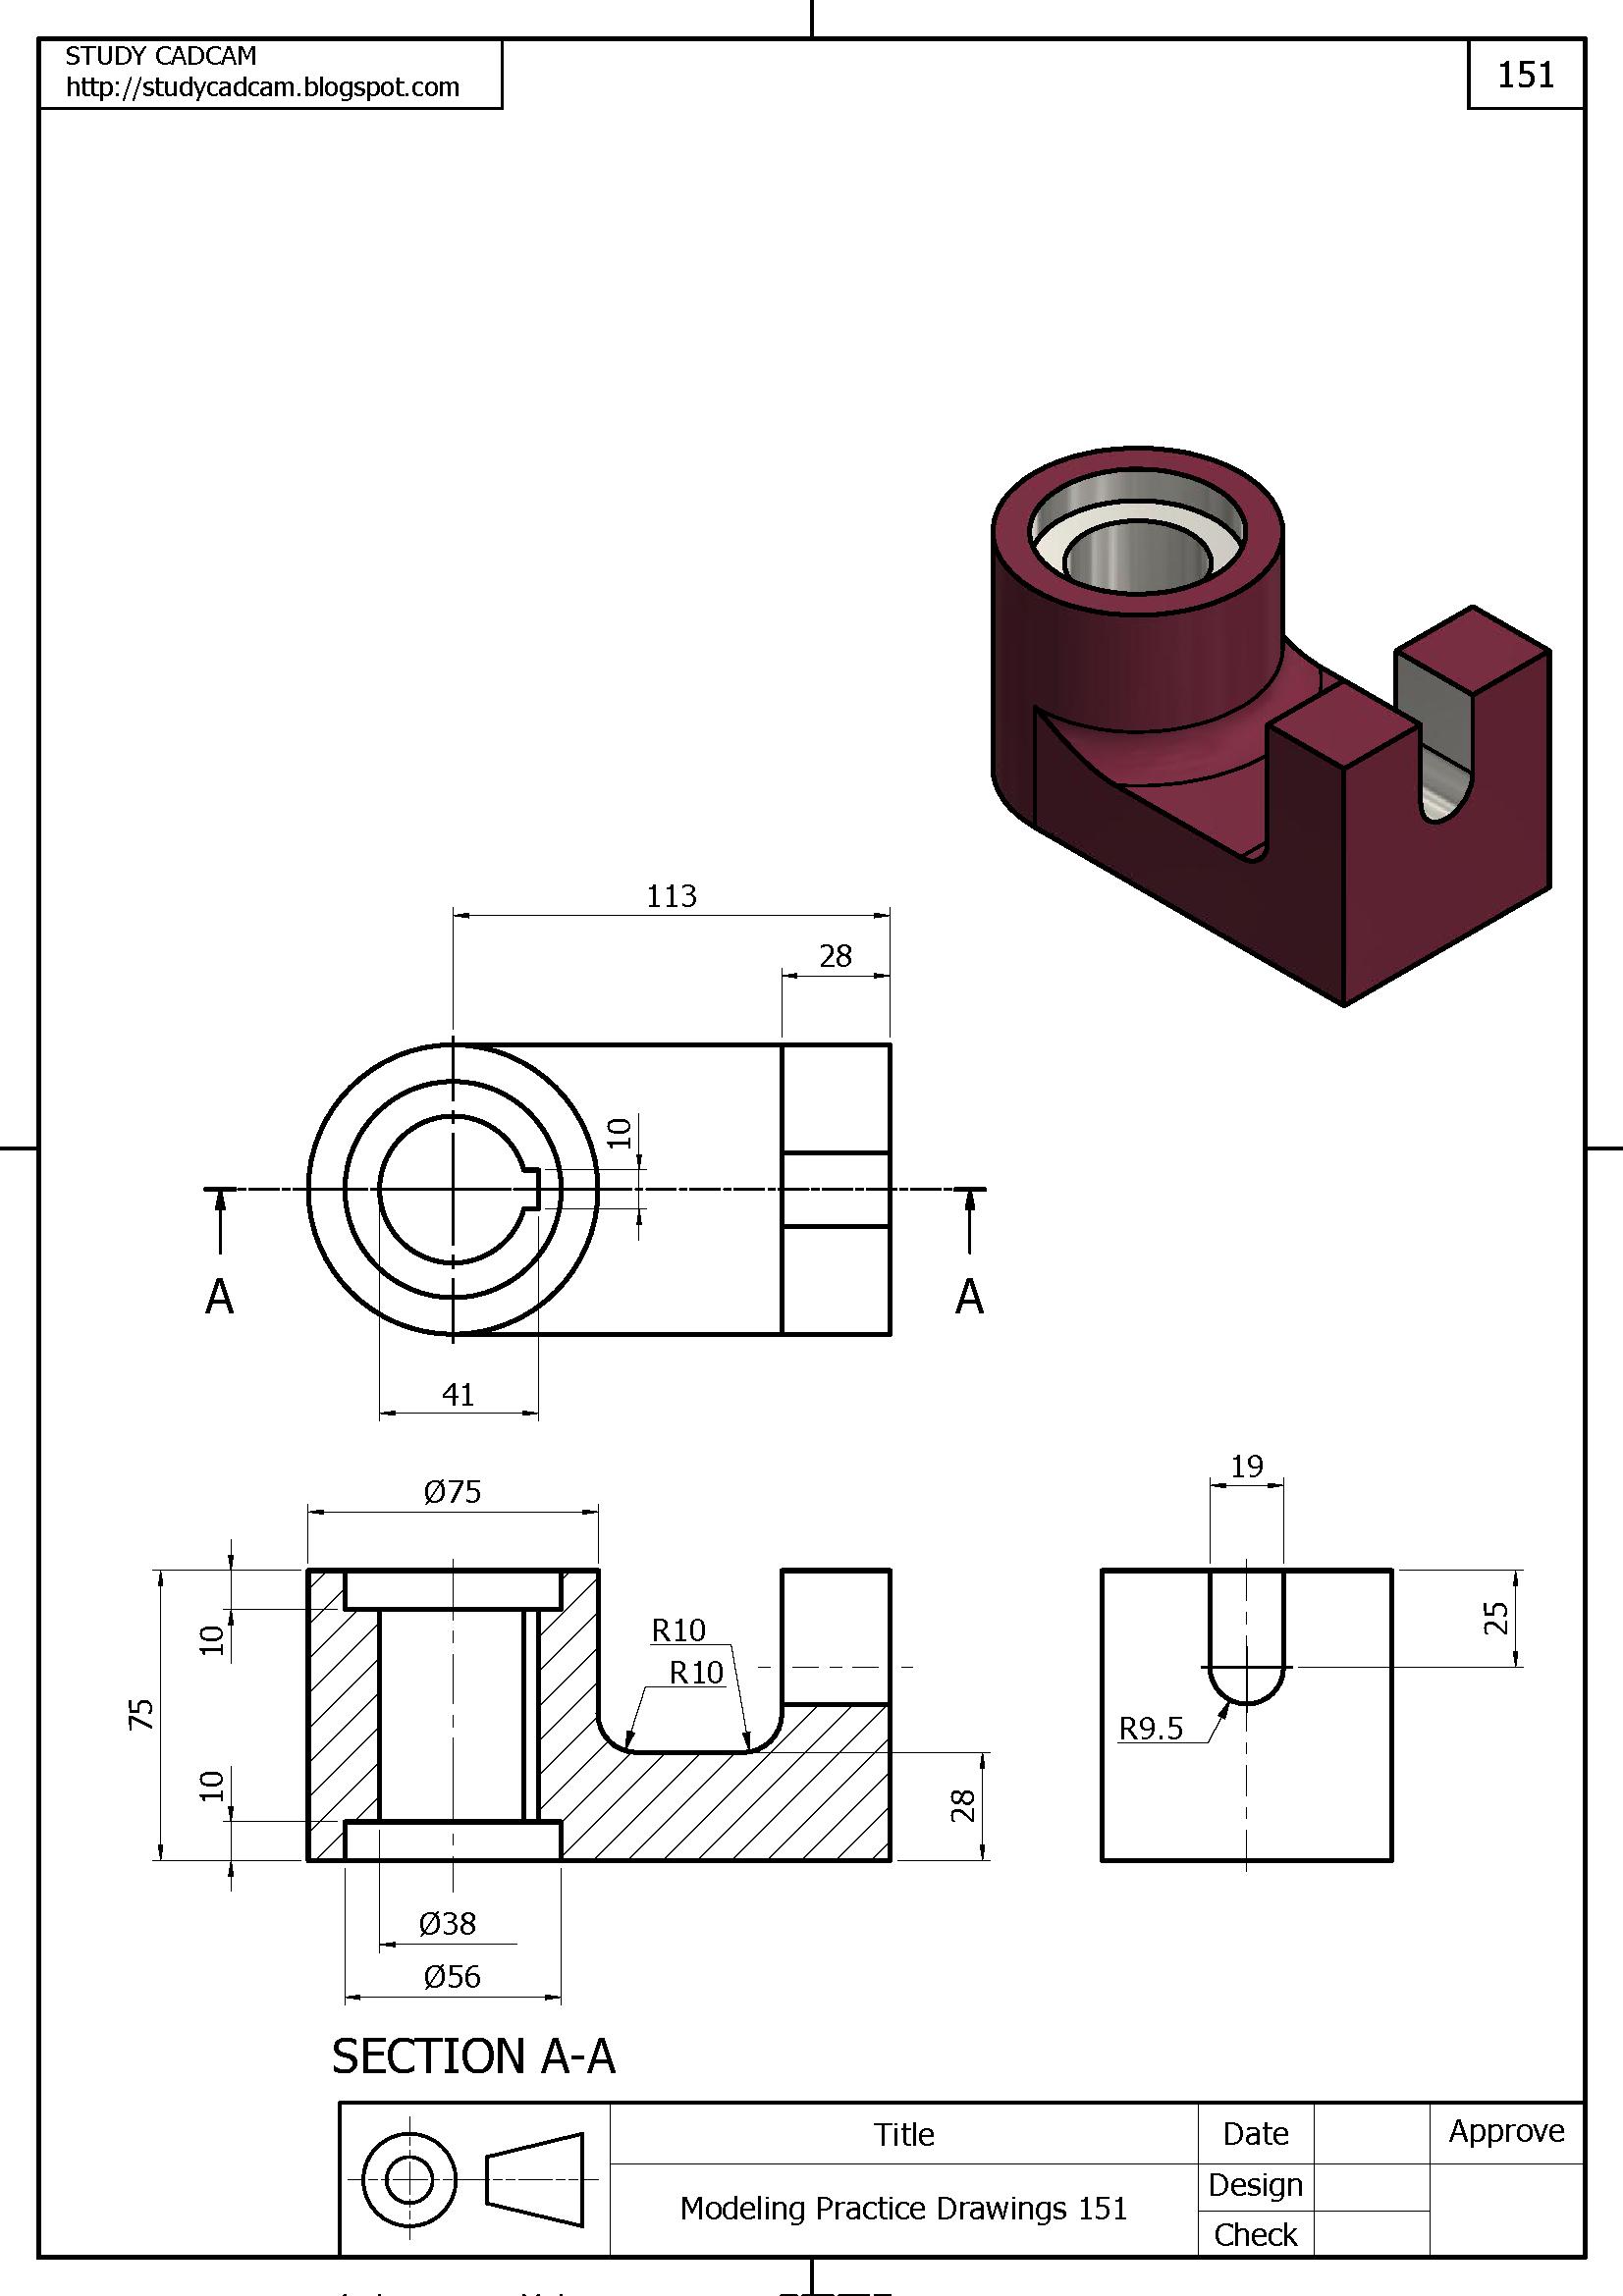 Vistas Y Desarrollo Axonometrico Ejercicios De Dibujo Vistas Dibujo Tecnico Tecnicas De Dibujo